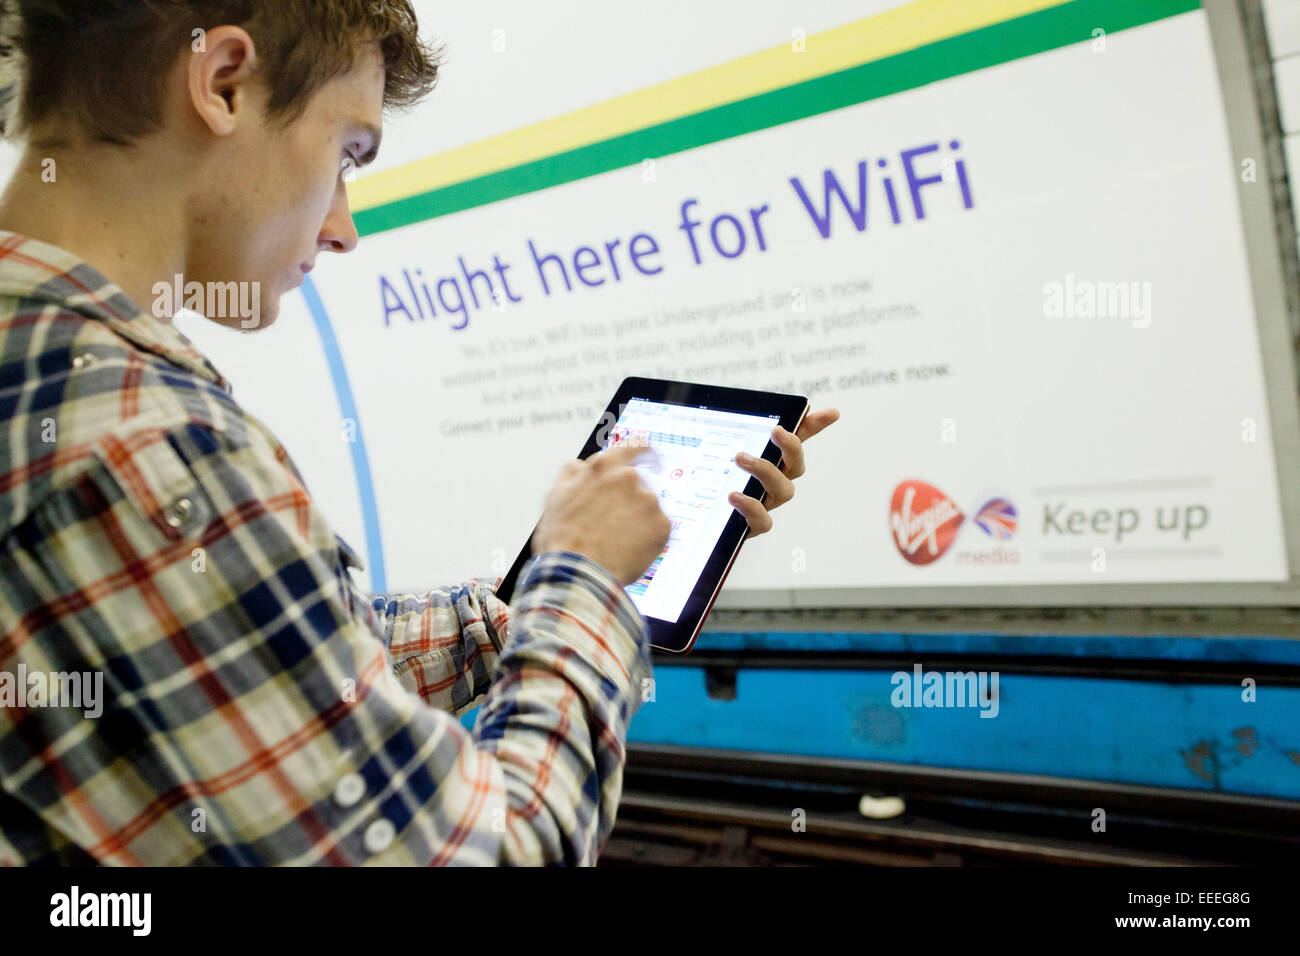 Wifi en el tubo de Virgin Media Imagen De Stock